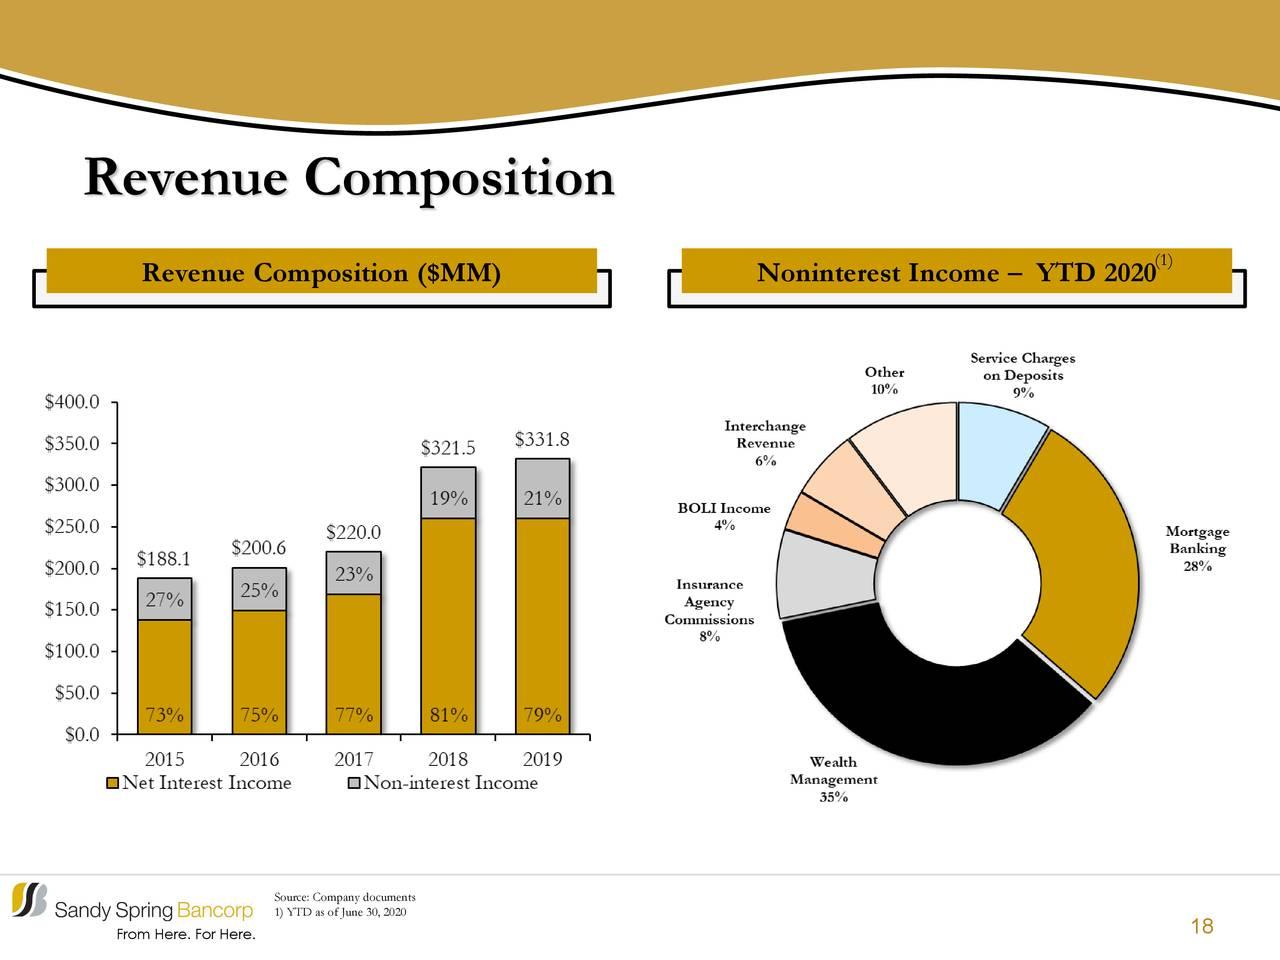 Composición de ingresos